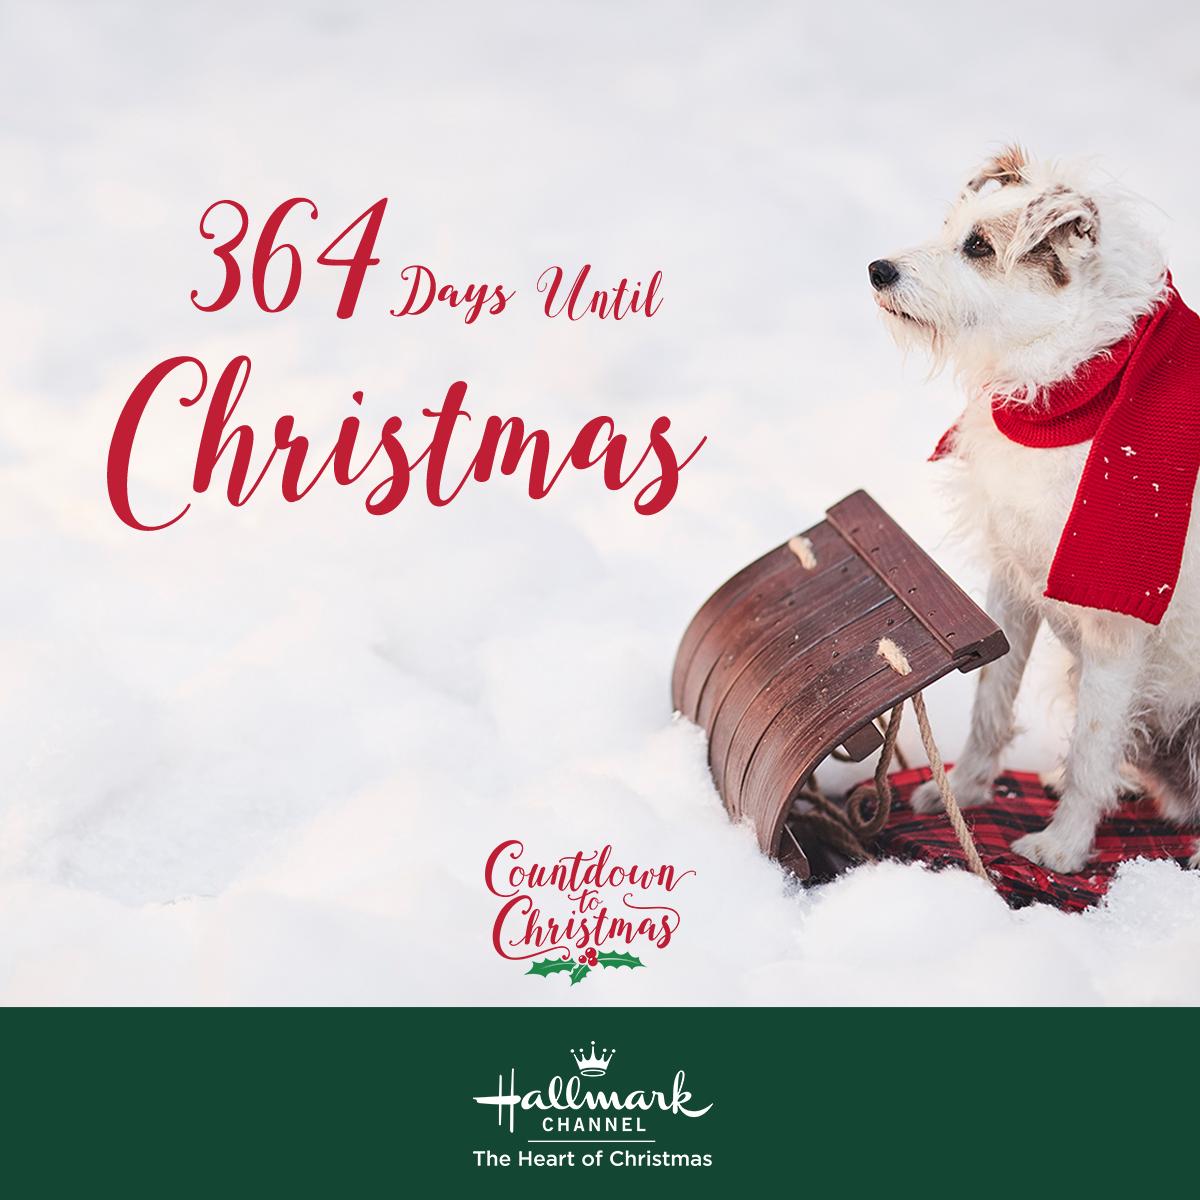 Days Until Christmas 2020 Only 364 days until Christmas! Follow us on Pinterest for